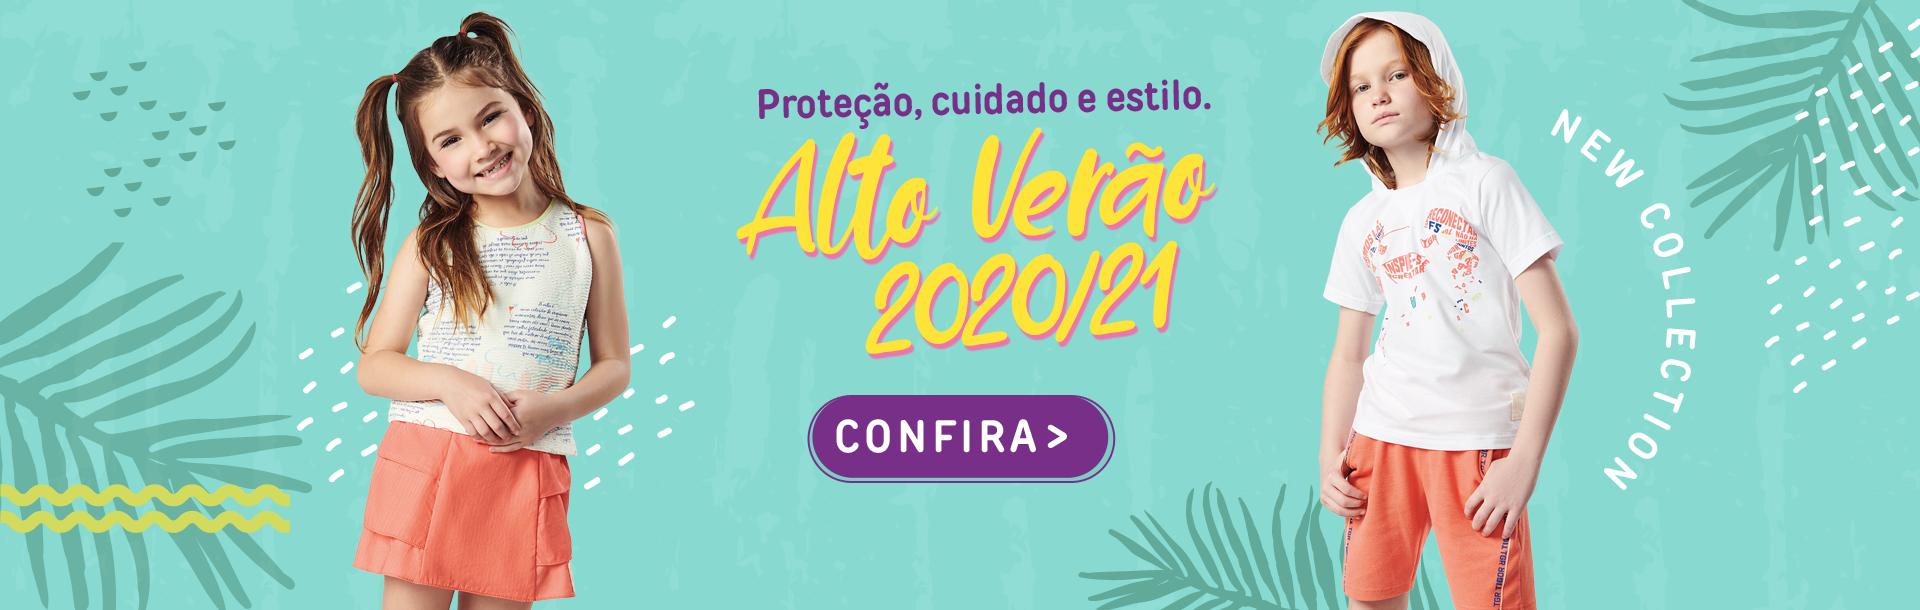 ALTO VERÃO